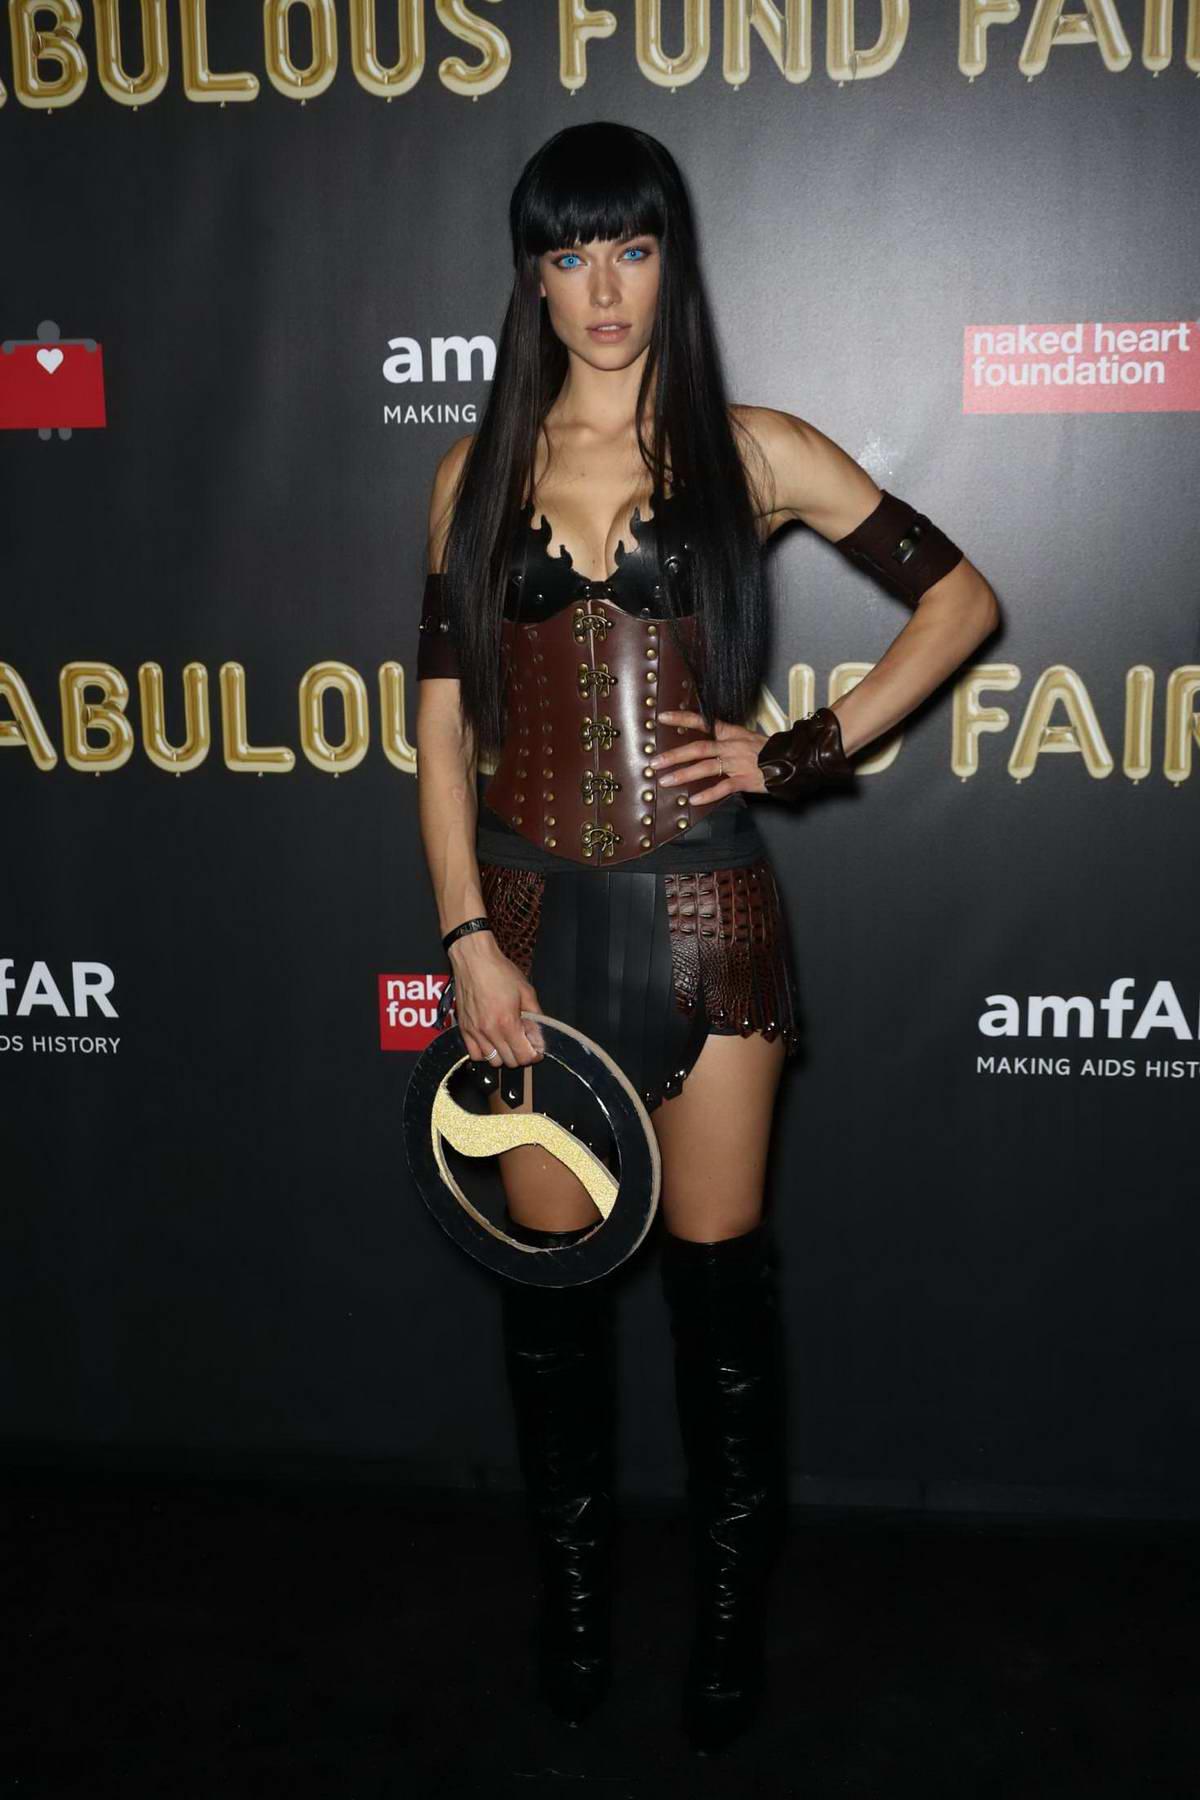 Hannah Ferguson at the 2017 amfAR Fabulous Fund Fair at Skylight Clarkson SQ in New York City